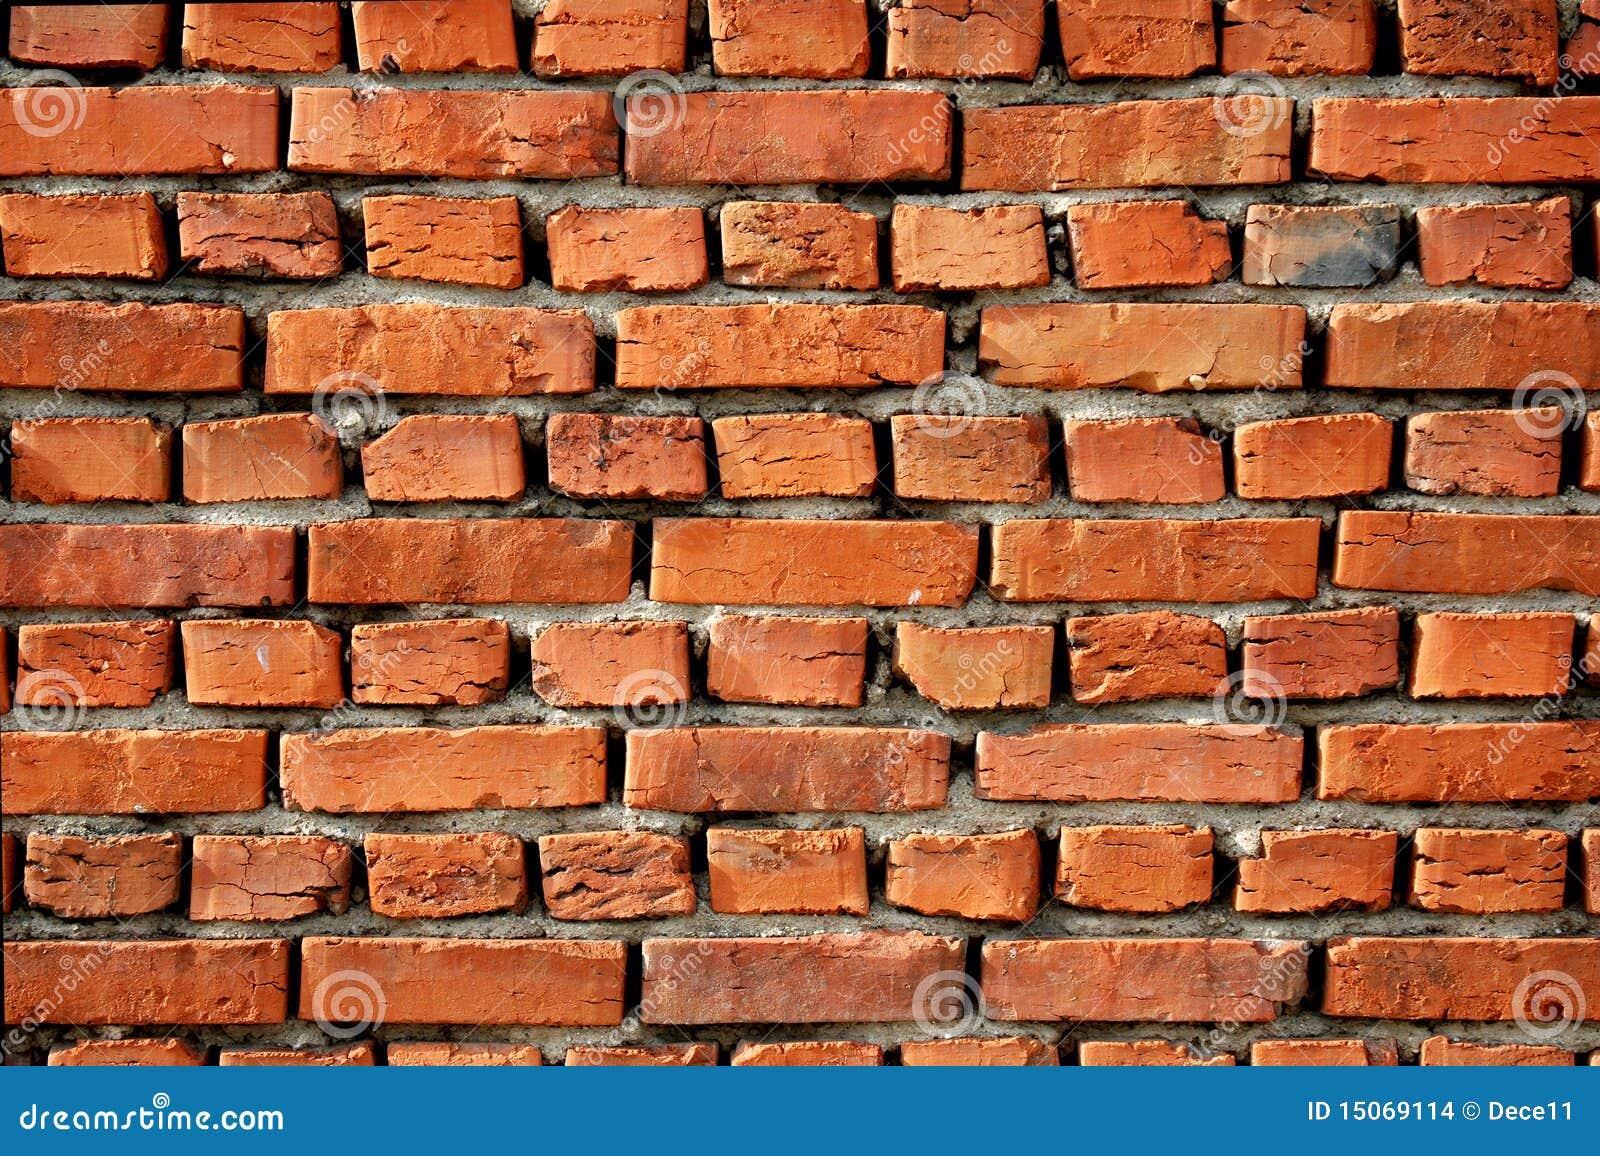 Muro di mattoni fotografia stock immagine di esterno 15069114 - Mattoni per muro esterno ...